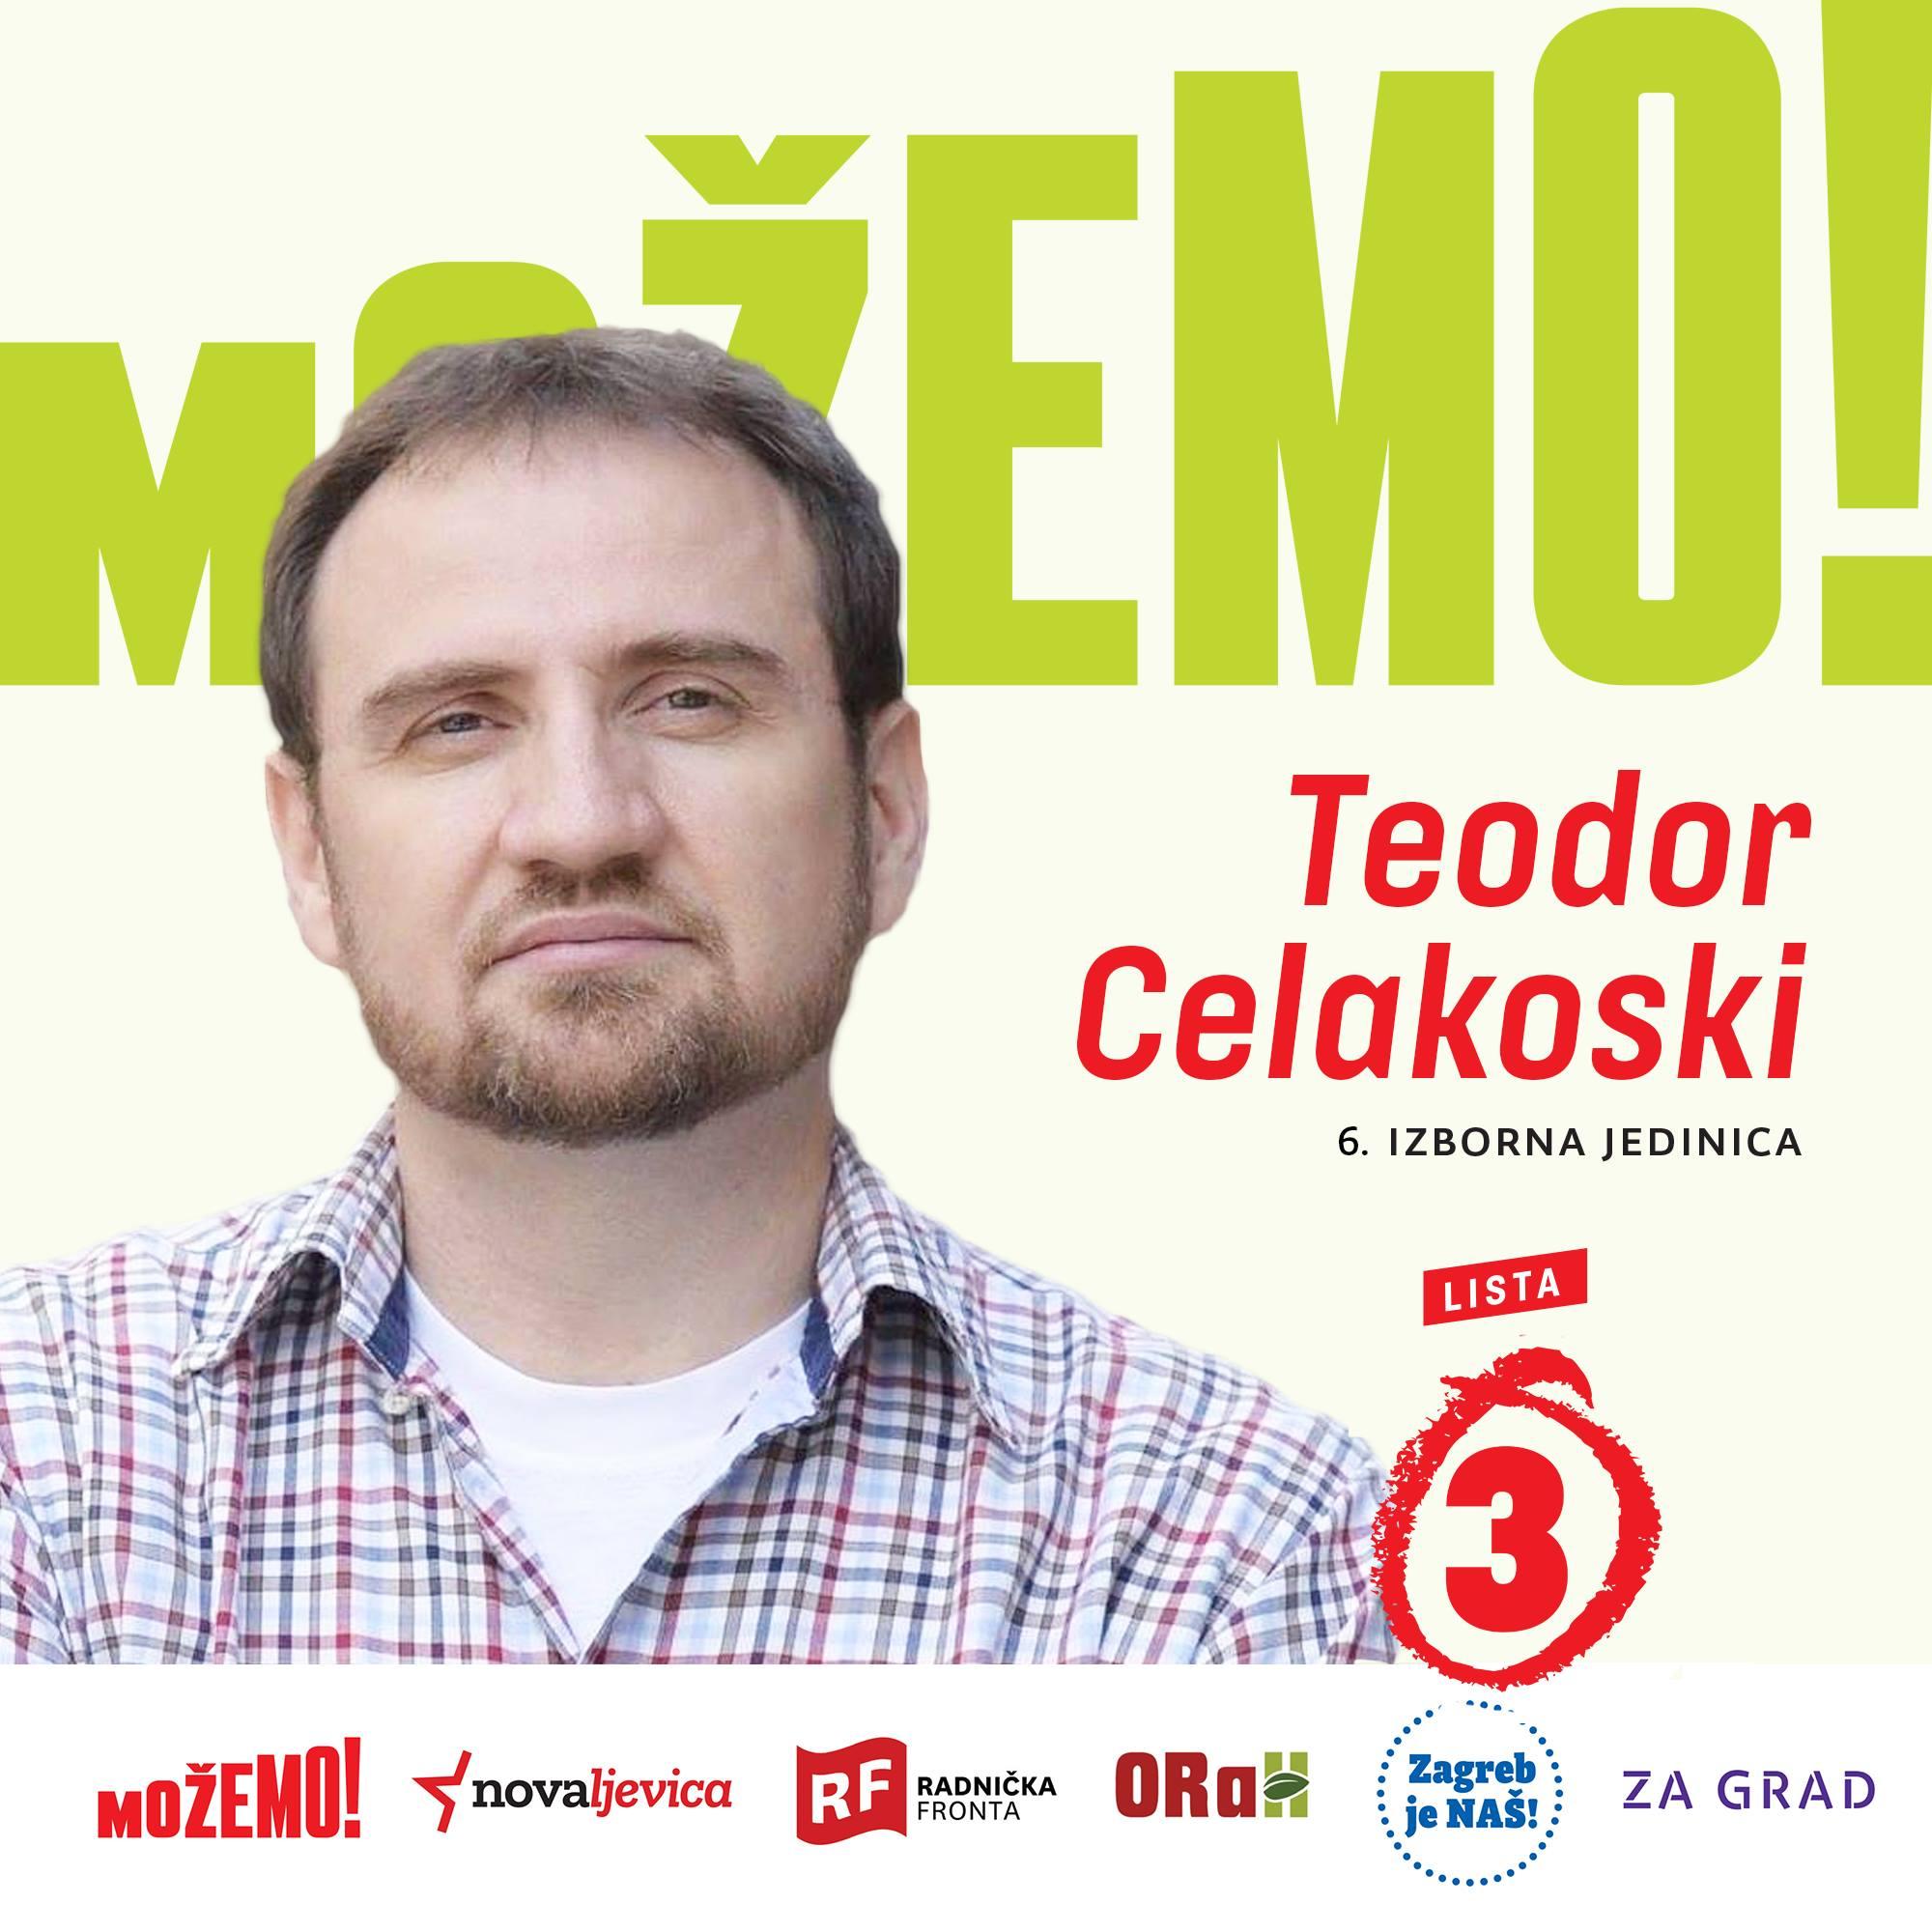 Predstavljamo drugog na našoj listi u 6. izbornoj jedinici – Teodora Celakoskog!